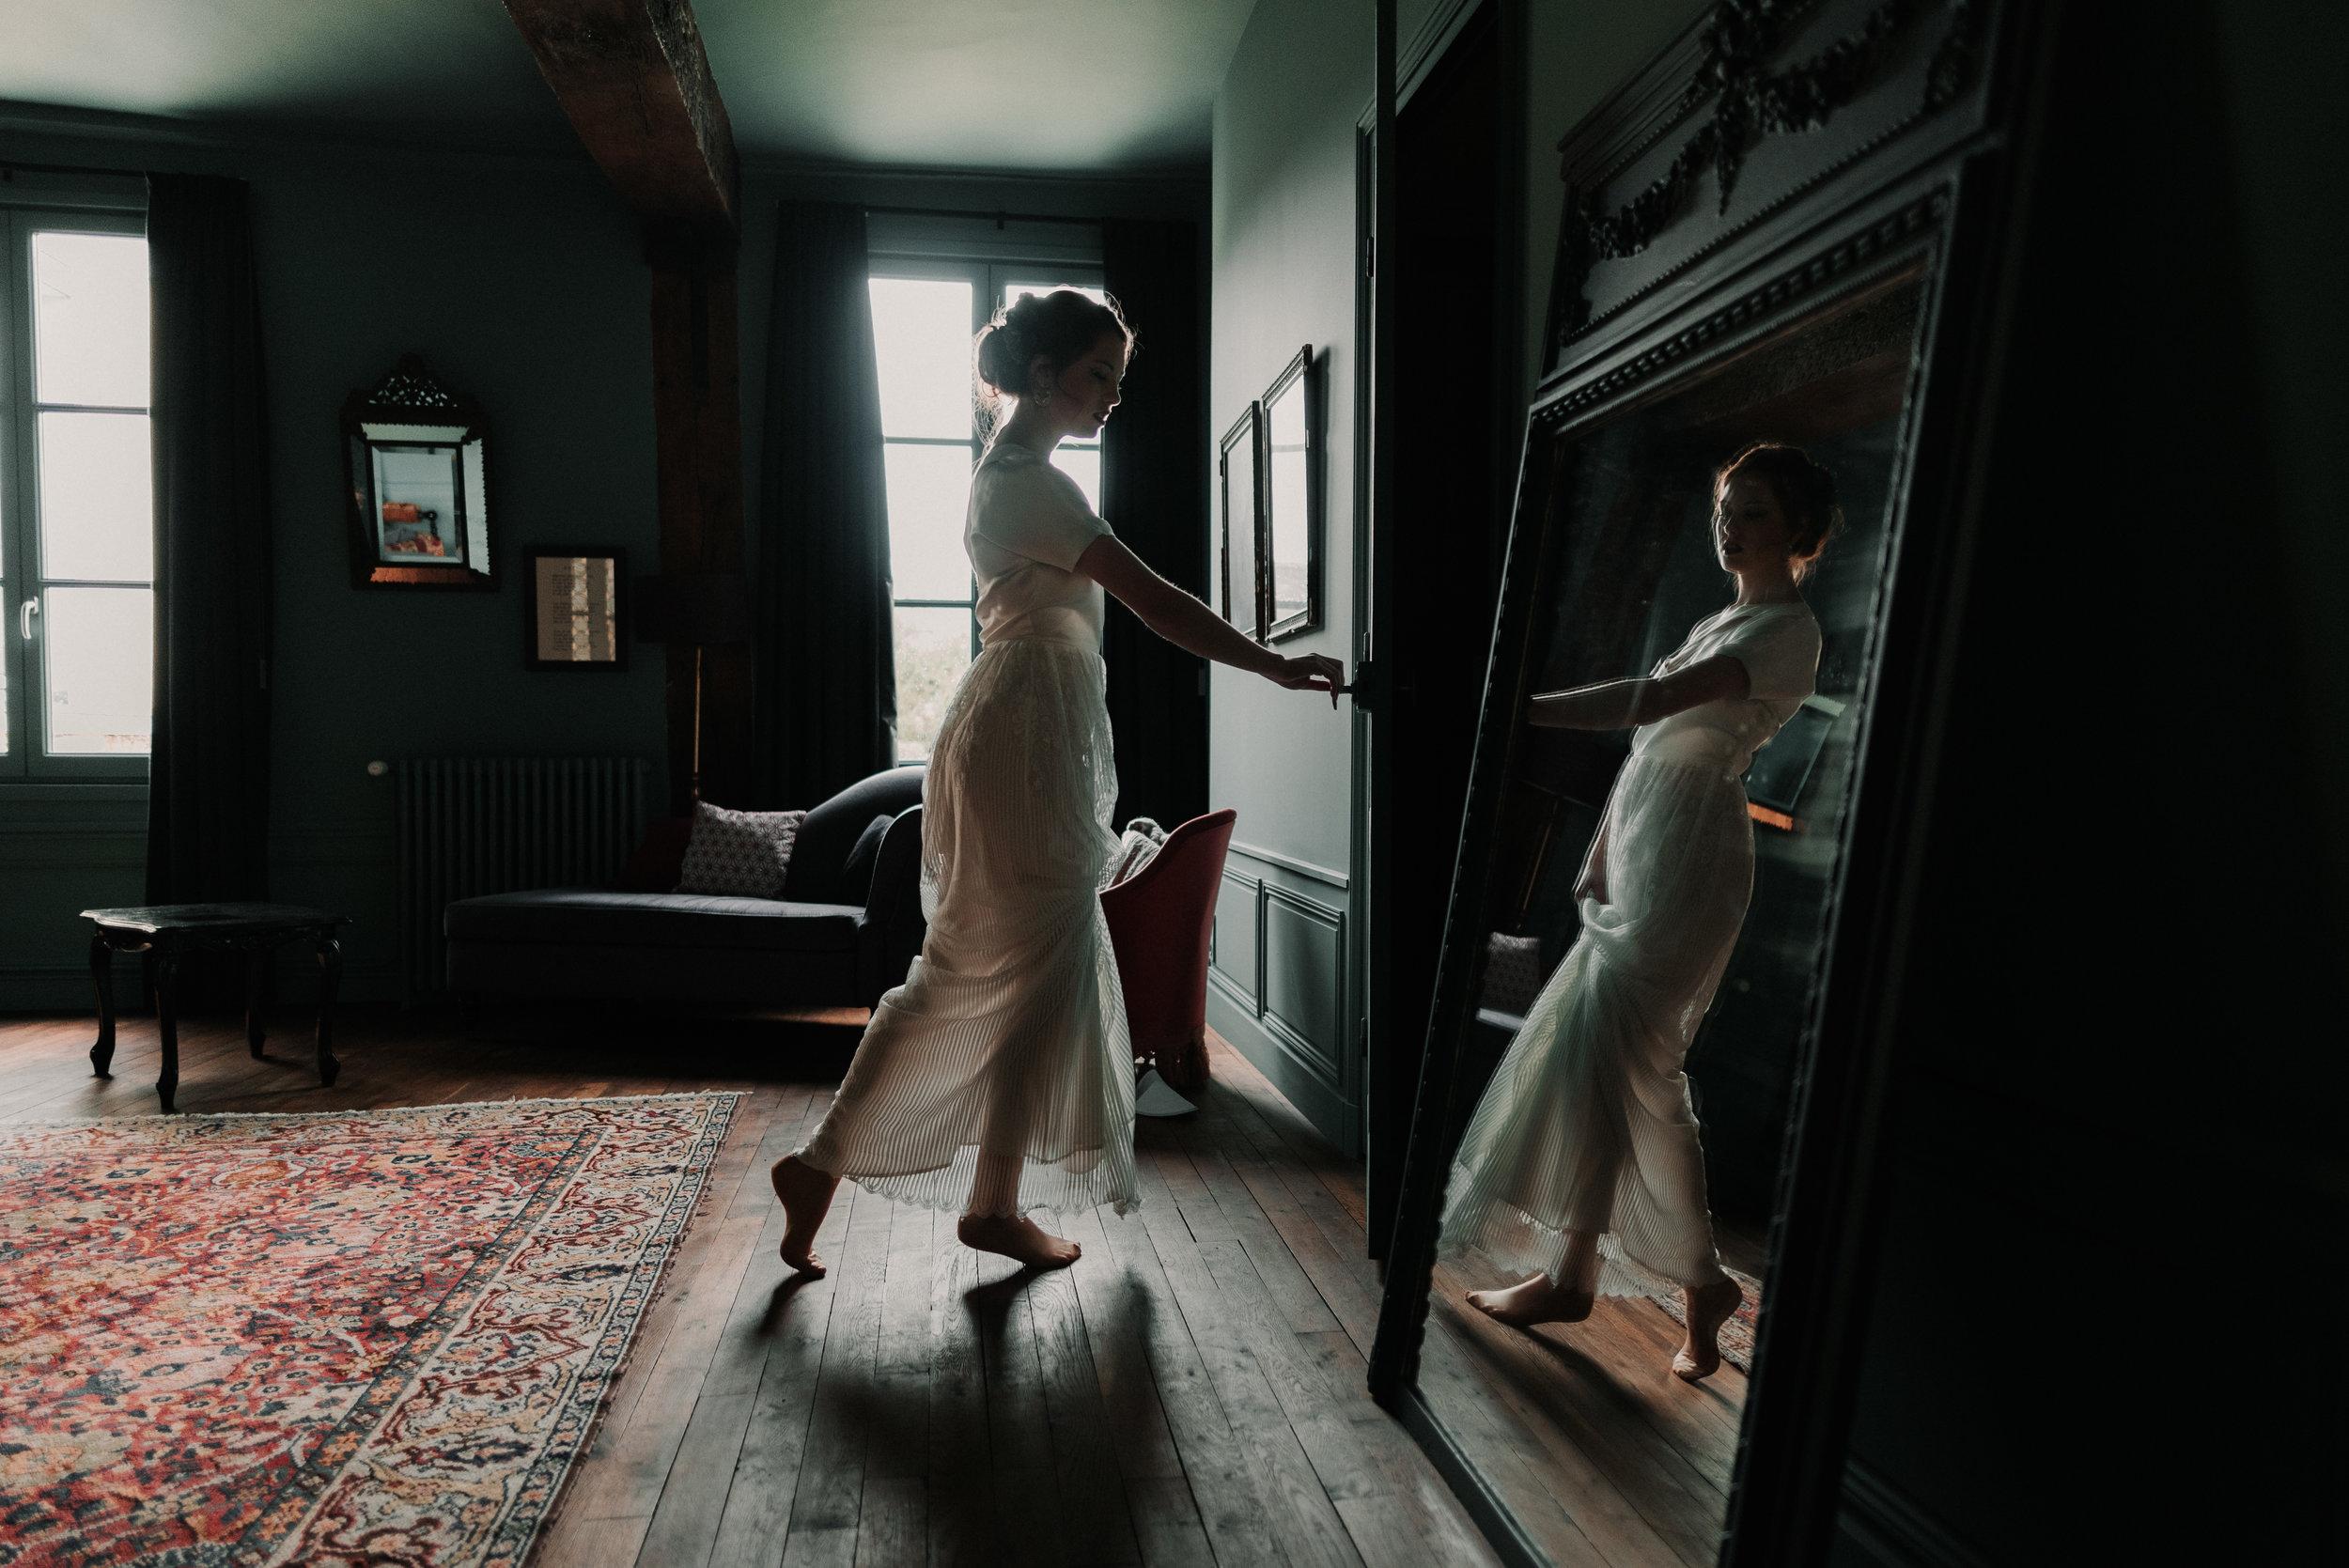 Léa-Fery-photographe-professionnel-lyon-rhone-alpes-portrait-creation-mariage-evenement-evenementiel-famille-8150.jpg